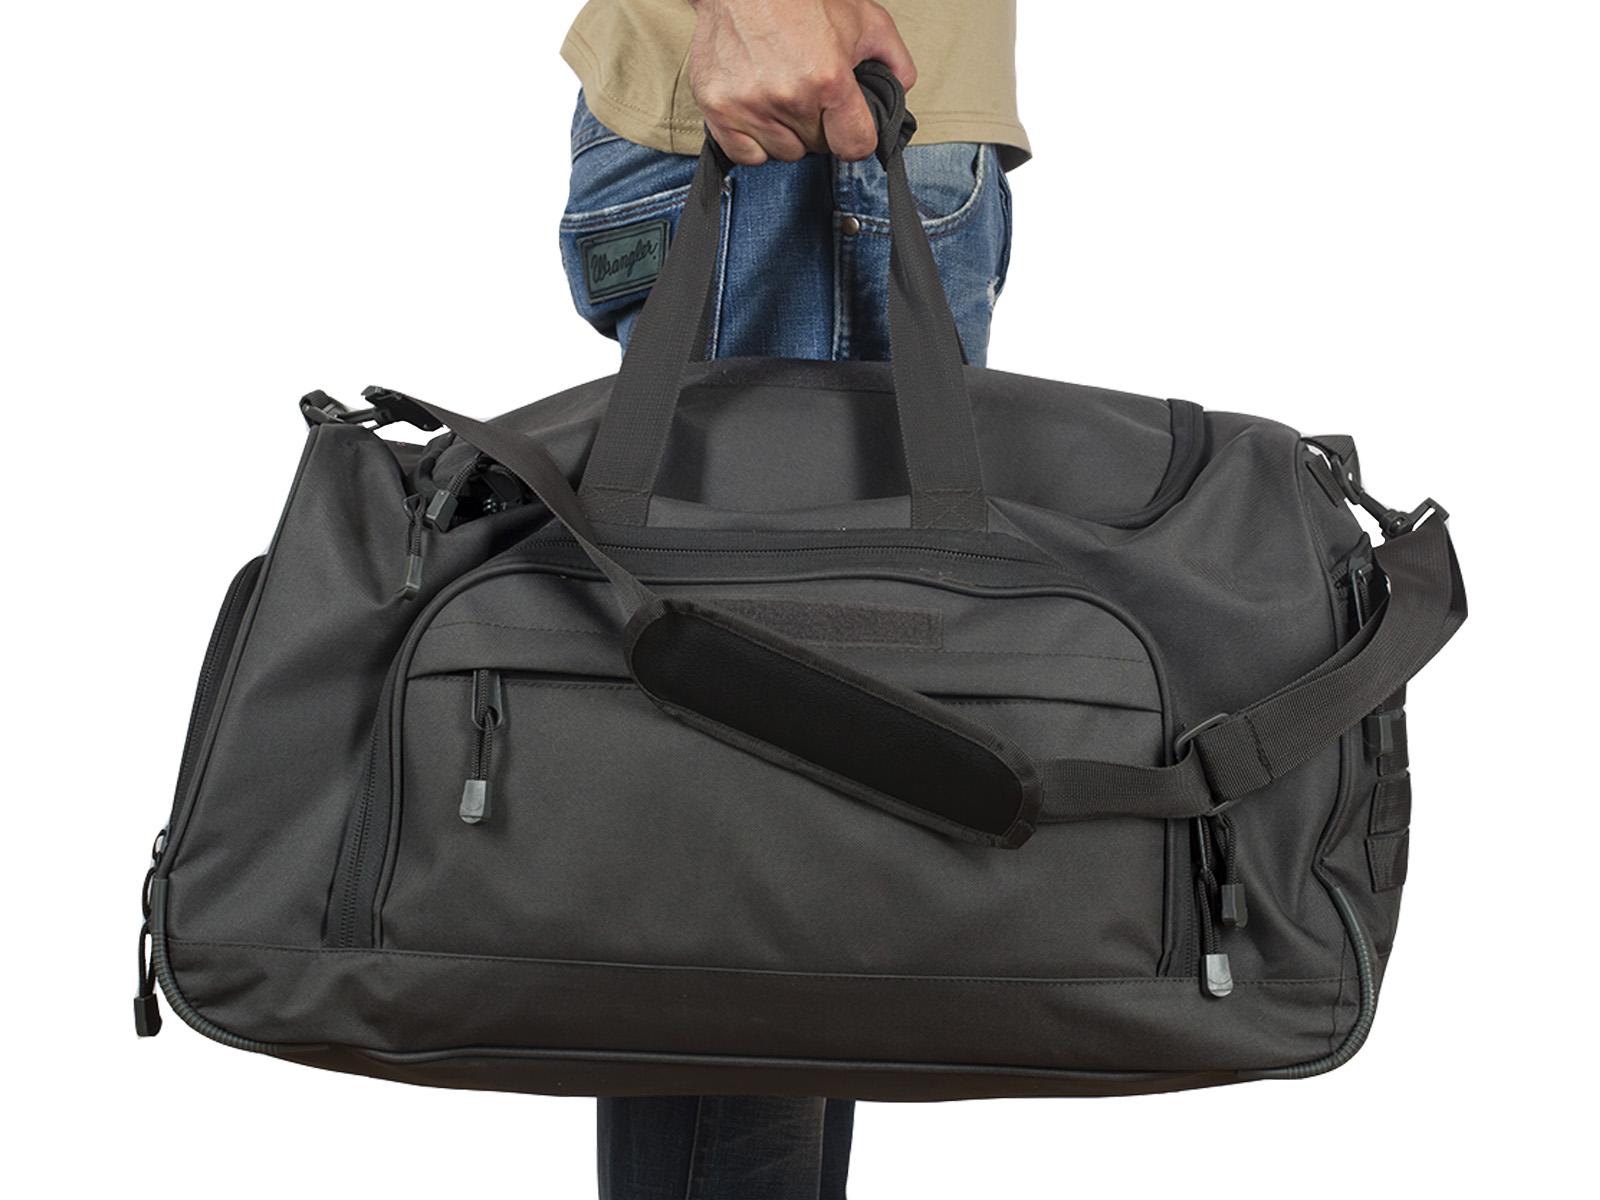 Темно-серая дорожная сумка армейского образца 08032B с доставкой